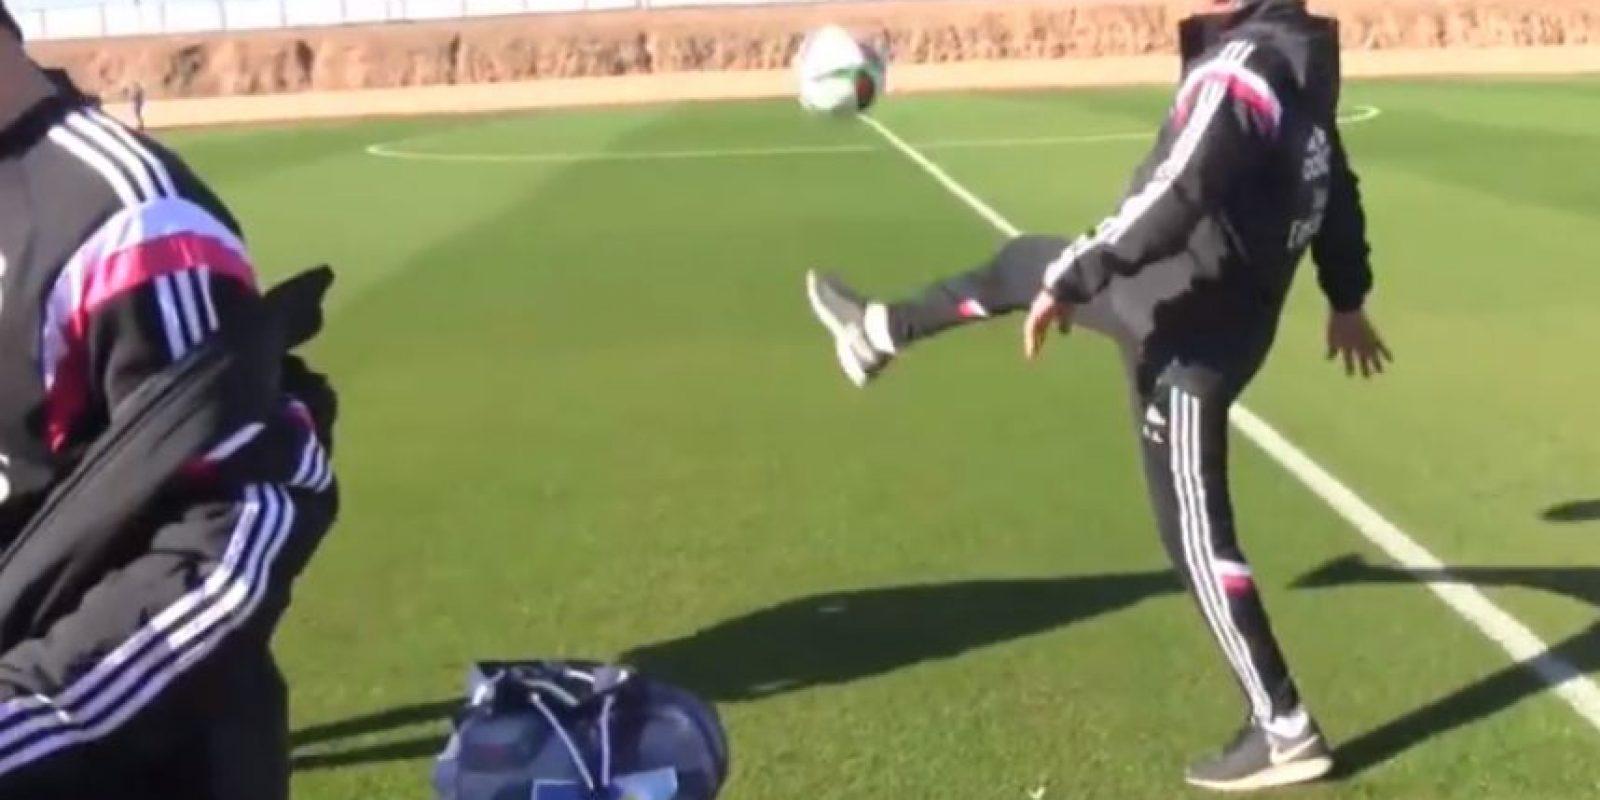 """El italiano indicó que puede dominar la bola de forma """"infinita"""" Foto:Youtube: Real Madrid C. F."""